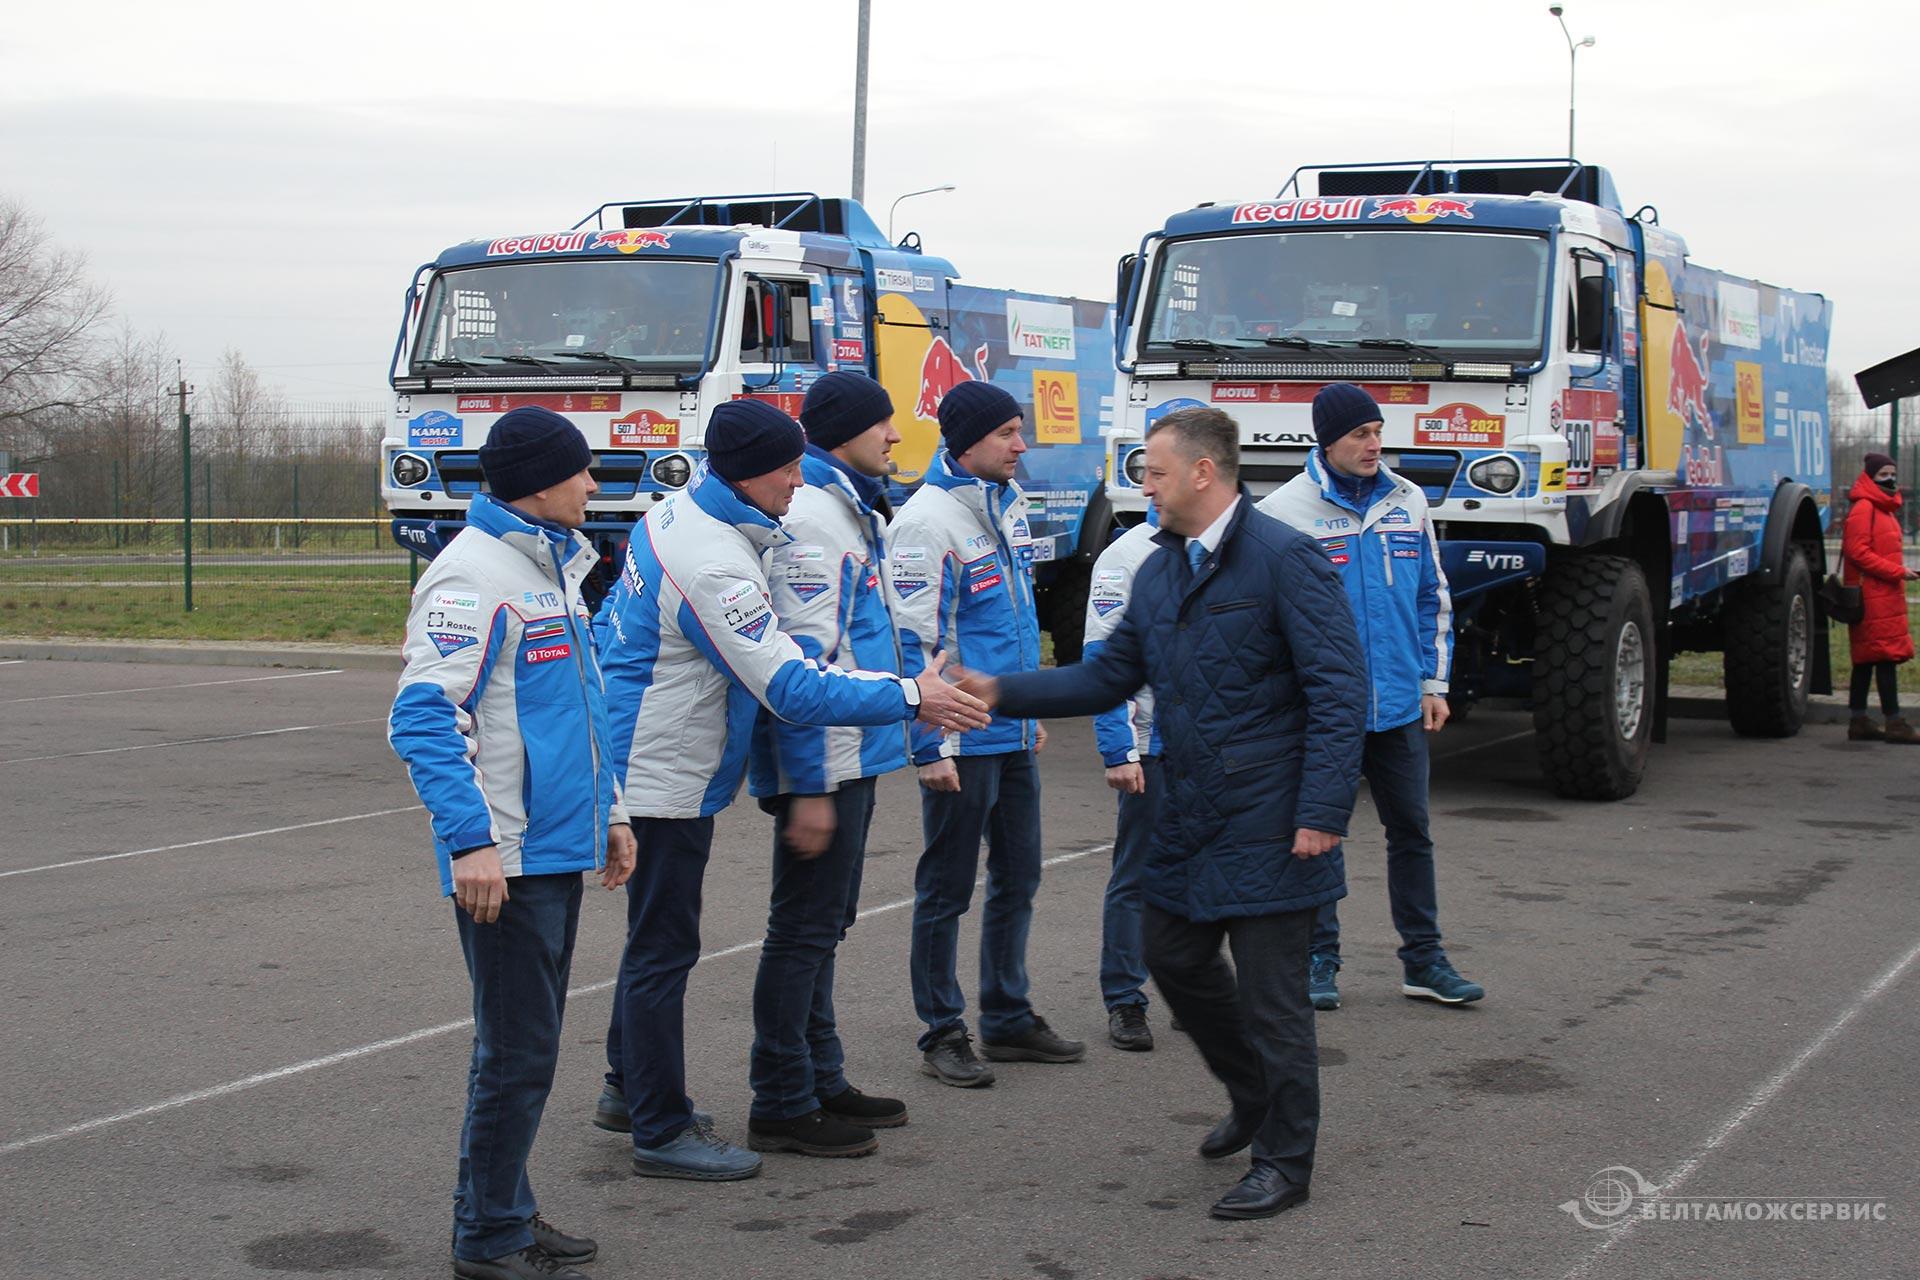 Команда KAMAZ сделала остановку в Бресте на пути на Dakar-2021 в Саудовскую Аравию 1